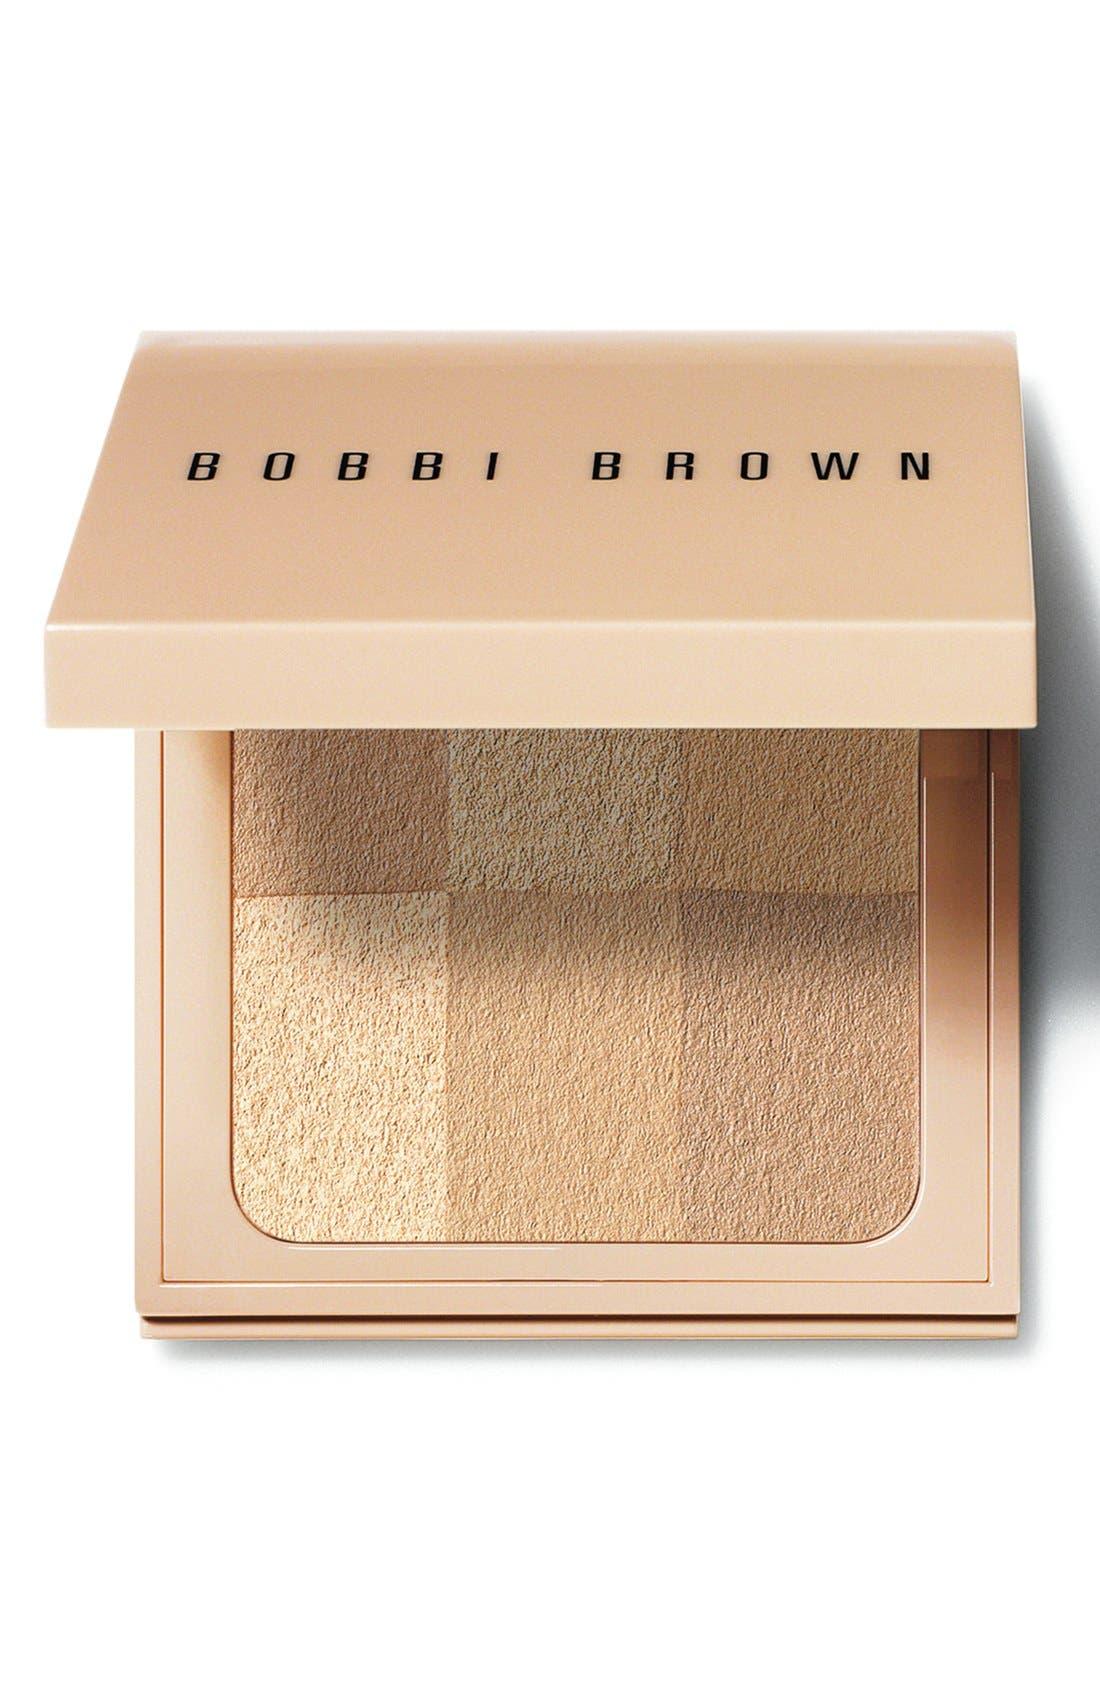 Bobbi Brown 'Nude Finish' Illuminating Powder